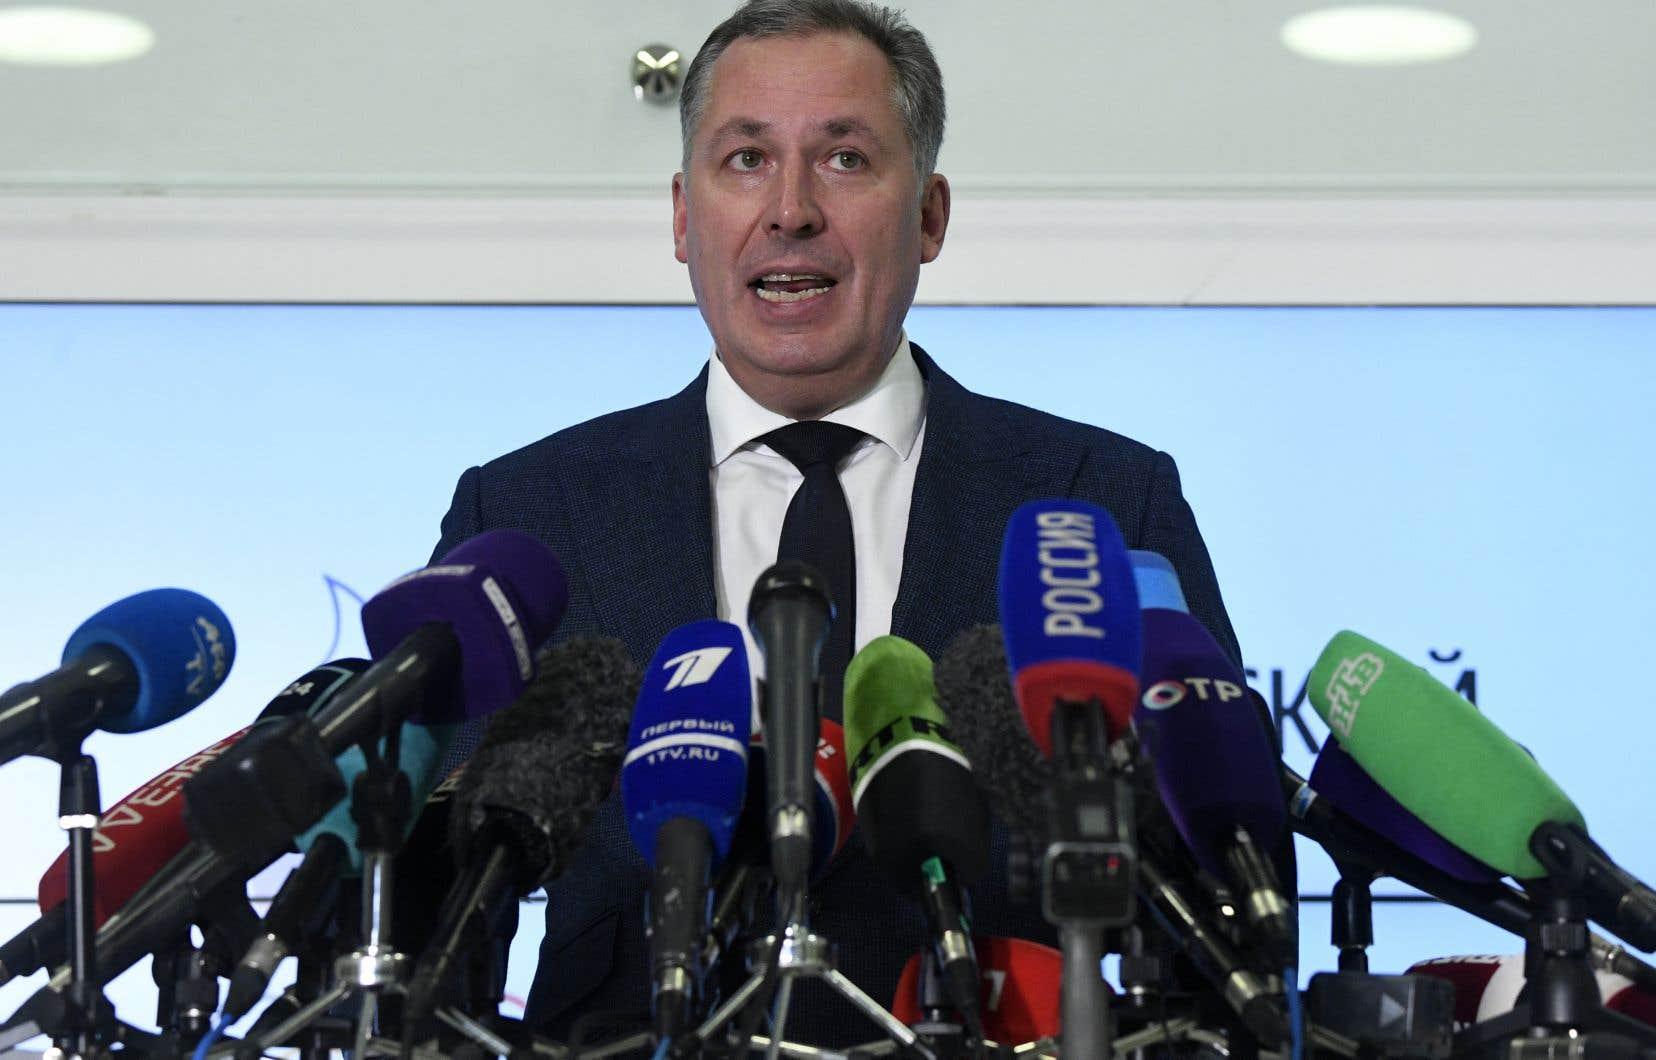 «Nous espérons un jugement honnête et équitable», a fait valoir le président du Comité olympique russe, Stanislav Pozdnyakov.